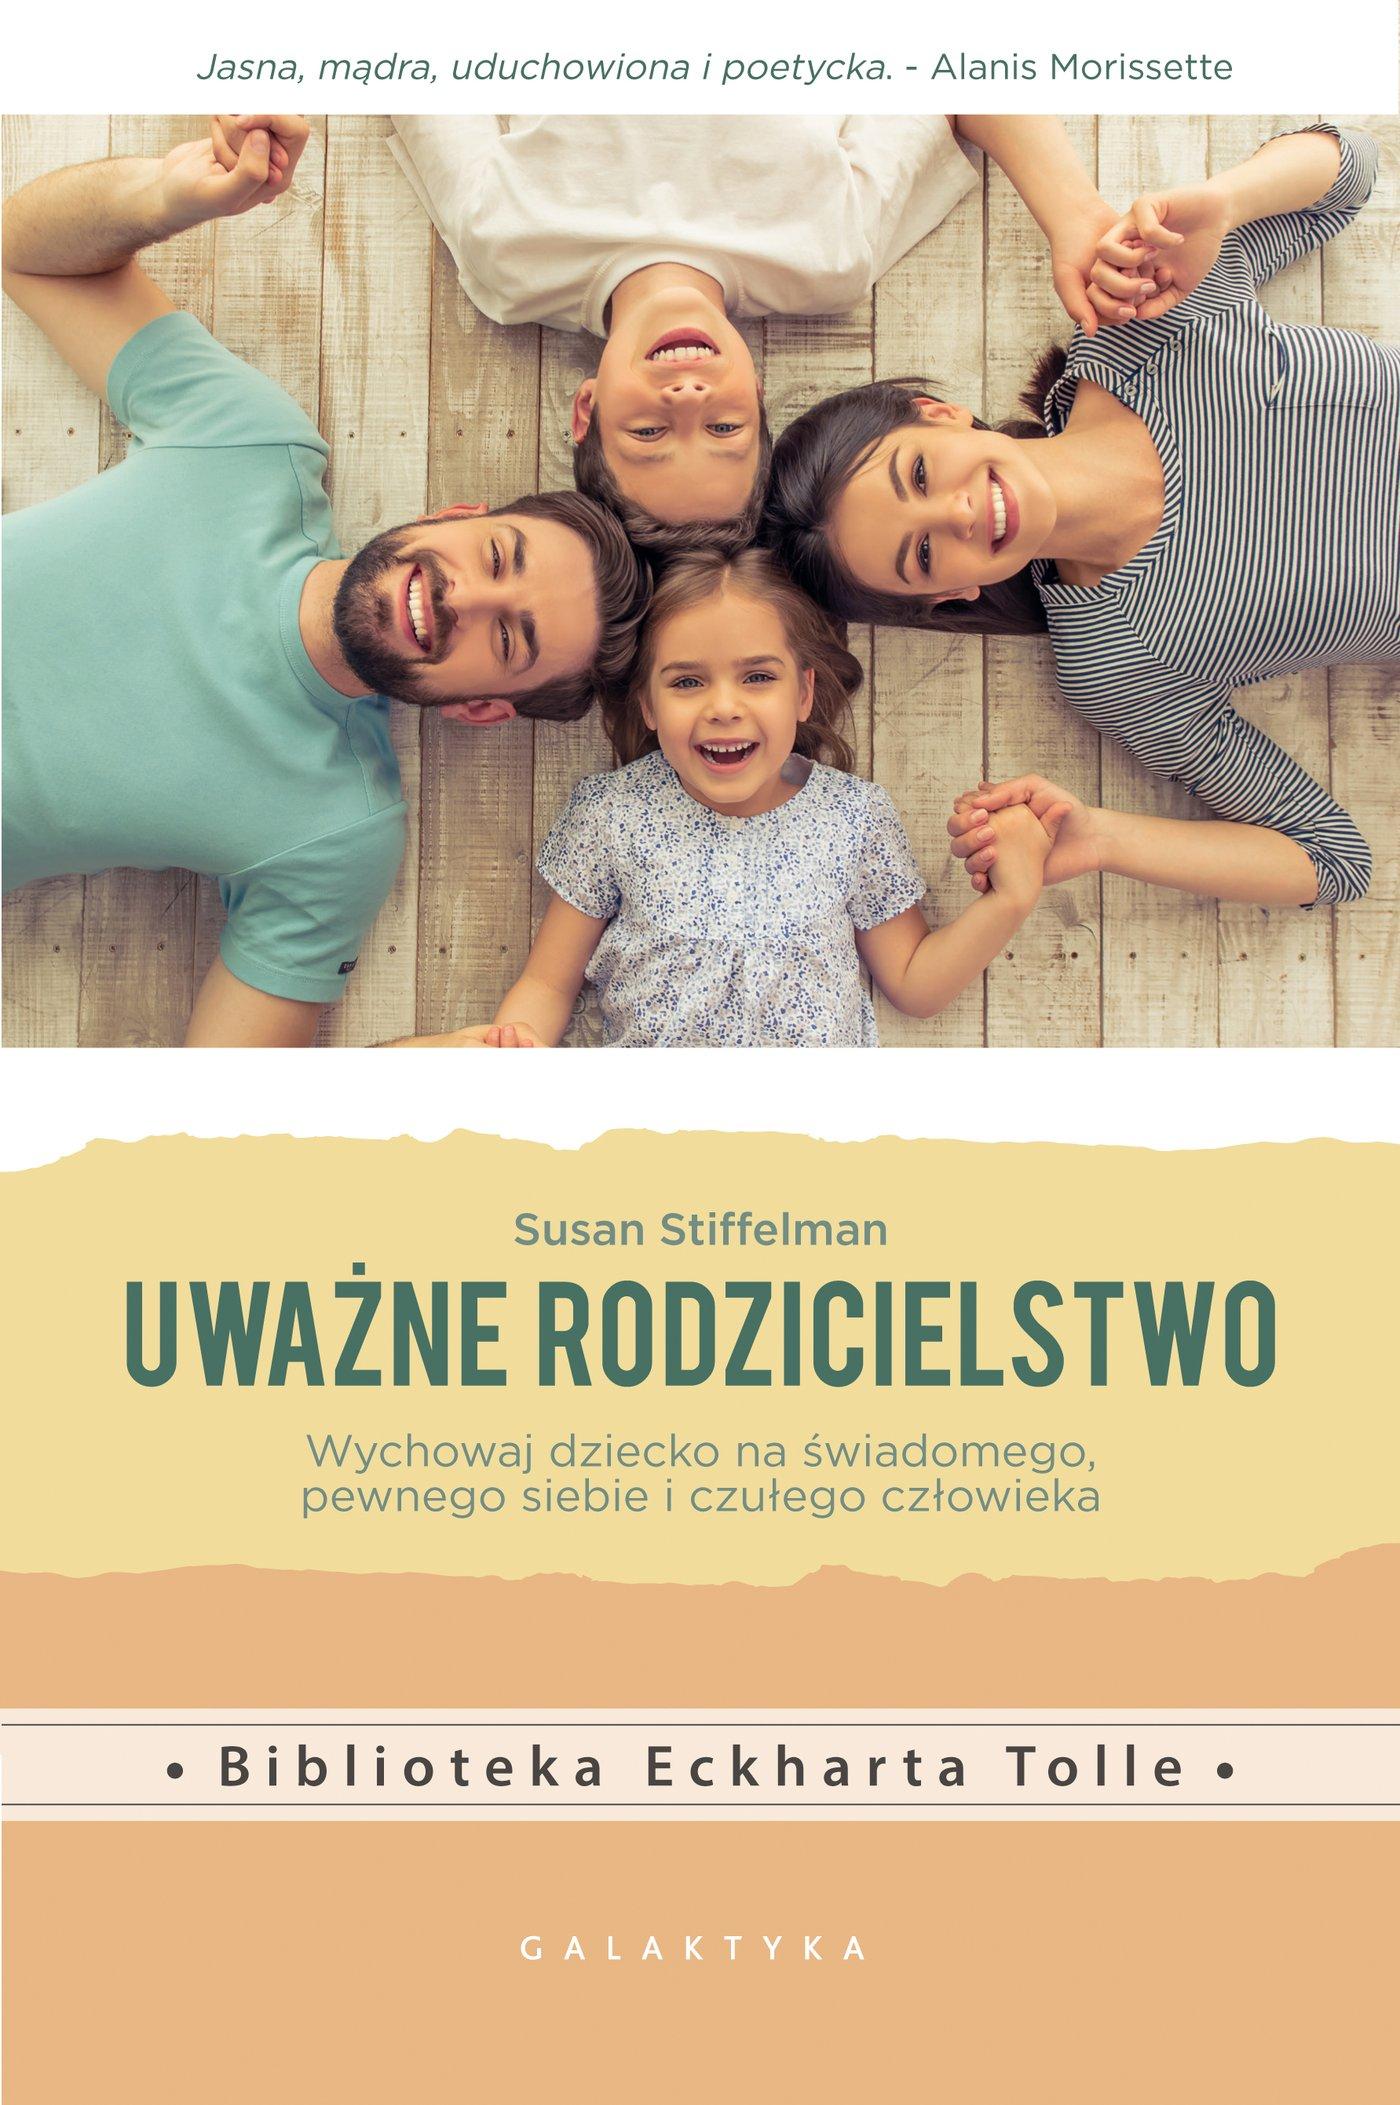 Uważne rodzicielstwo - Ebook (Książka EPUB) do pobrania w formacie EPUB